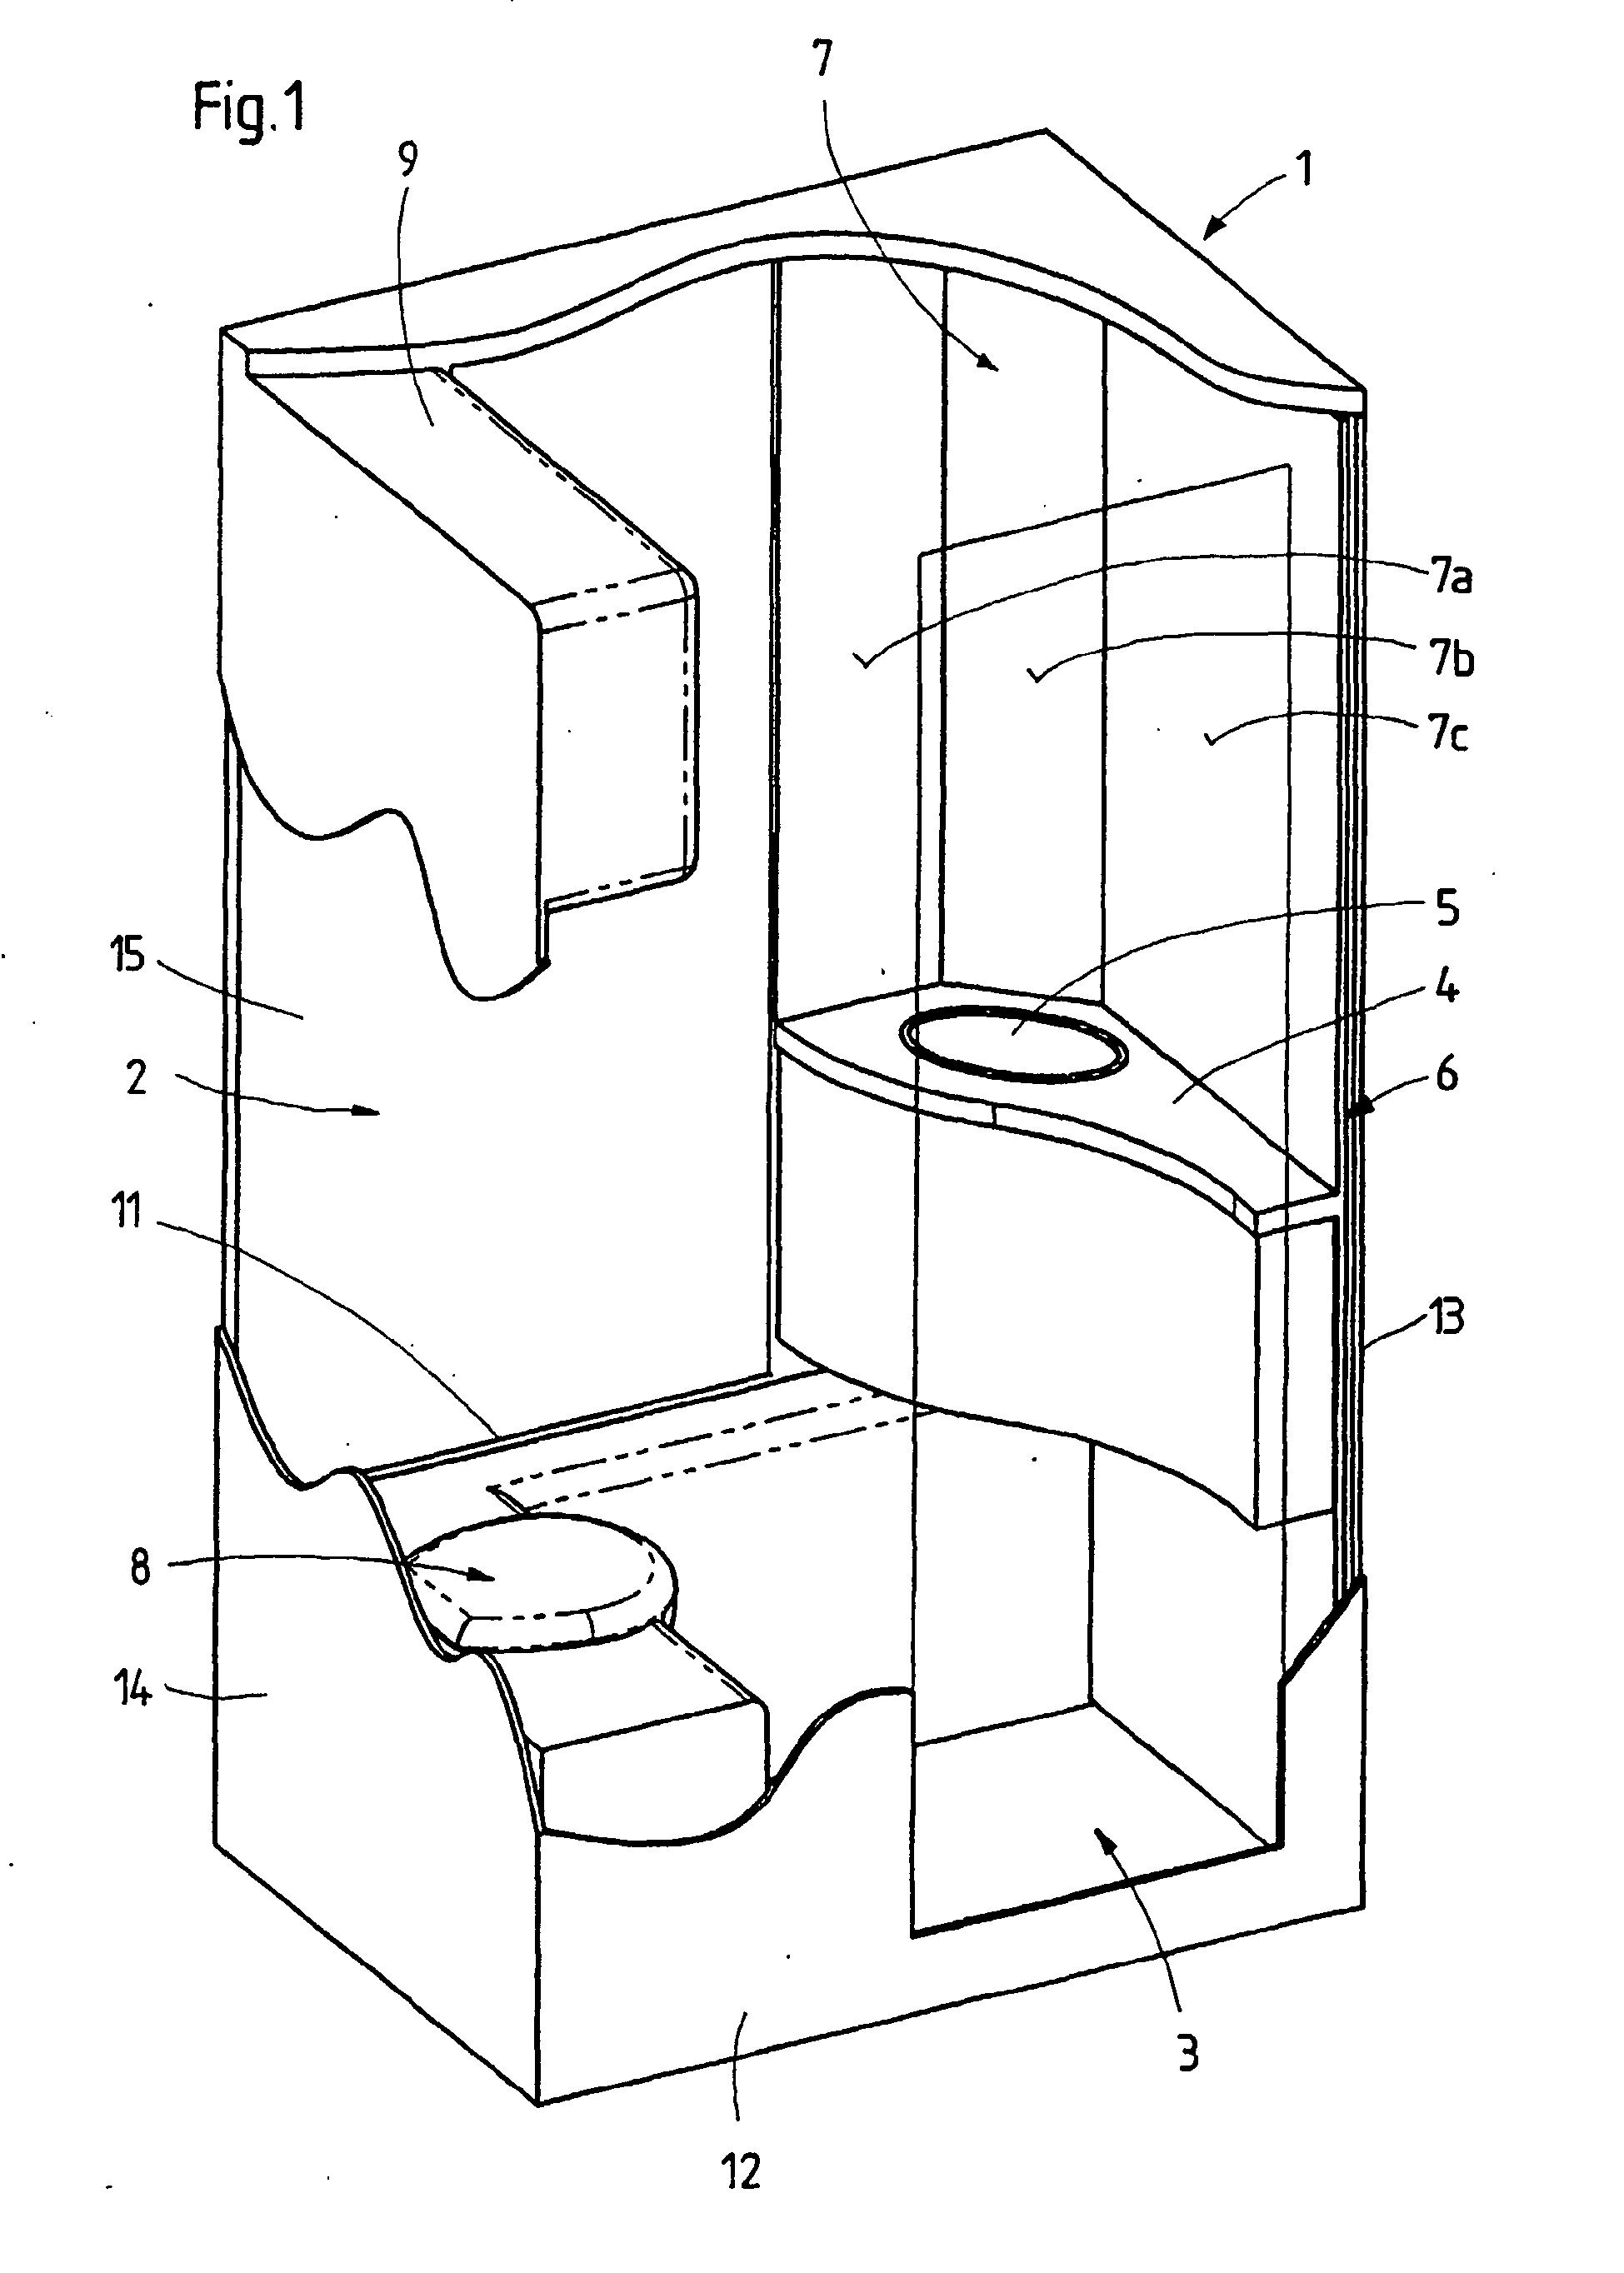 patent ep1318048b1 nasszelle insbesondere zur verwendung in wohnwagen oder reisemobilen. Black Bedroom Furniture Sets. Home Design Ideas